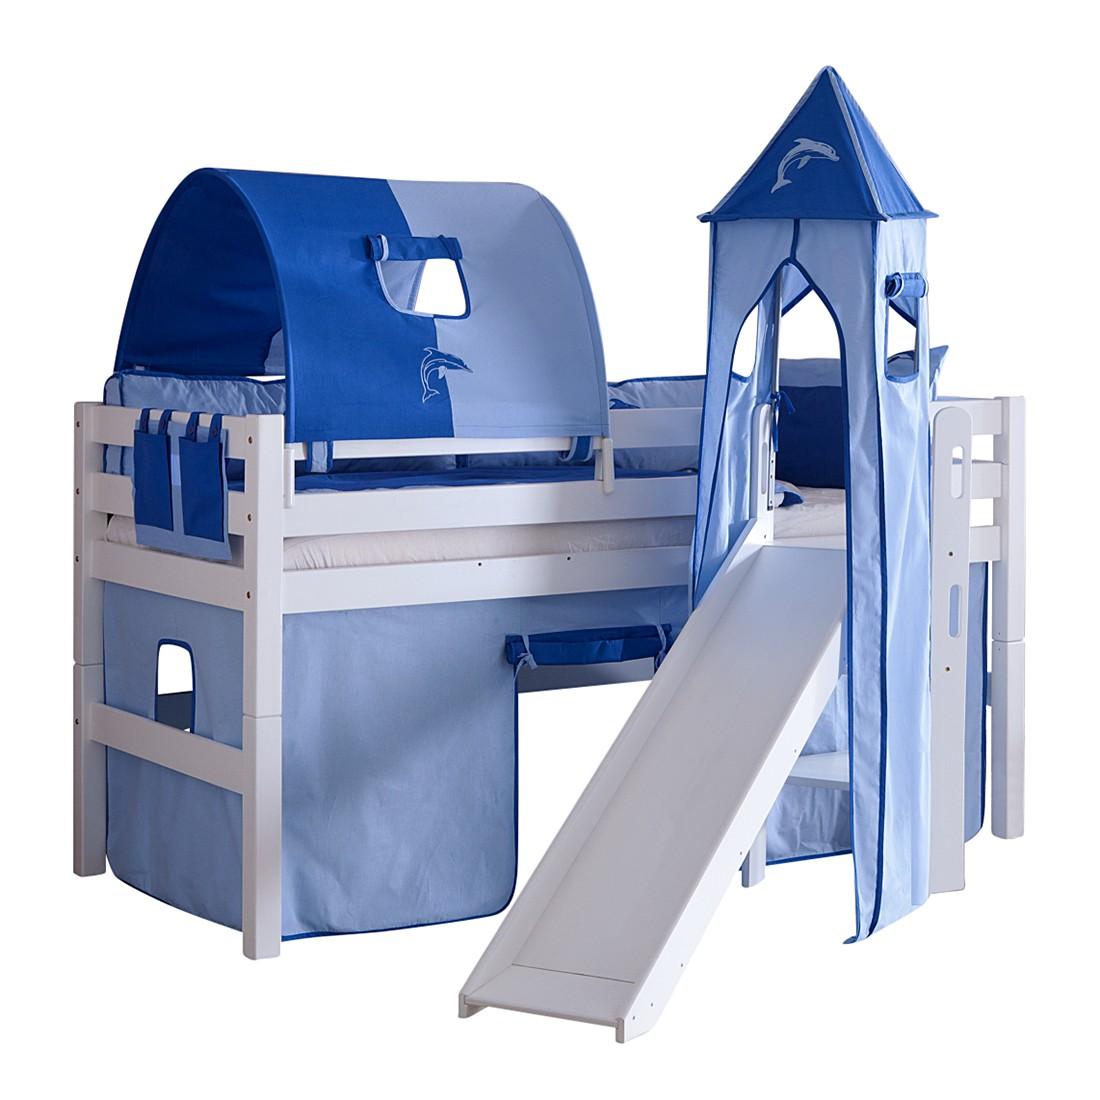 Spielbett Eliyas - mit Rutsche, Vorhang, Tunnel, Turm und Tasche - Buche weiß/Textil blau-delfin, Relita